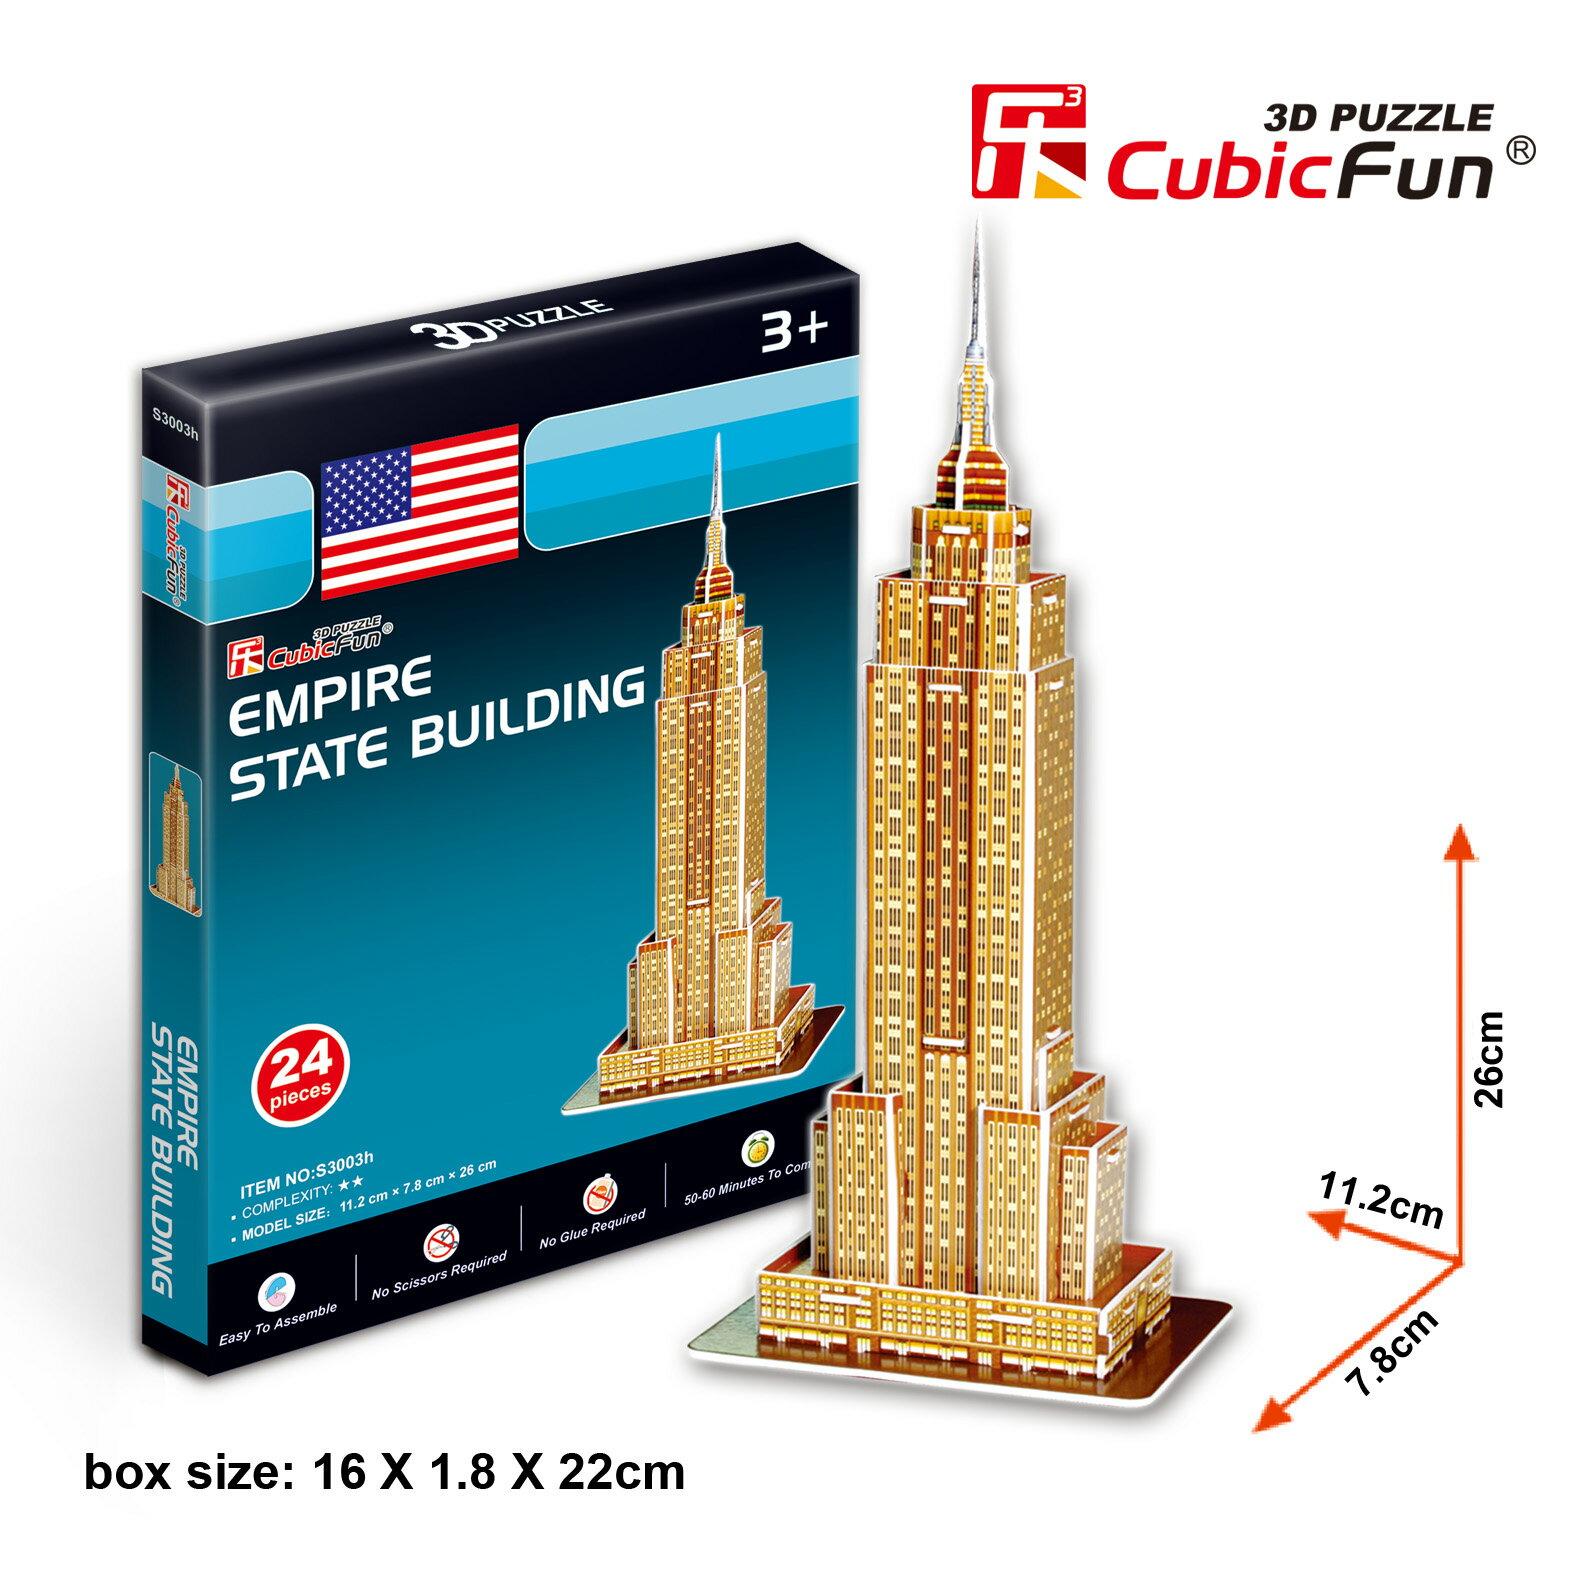 3D Puzzle 立體拼圖 - 迷你世界建築 【美國紐約帝國大廈】S3003 兒童級 24片